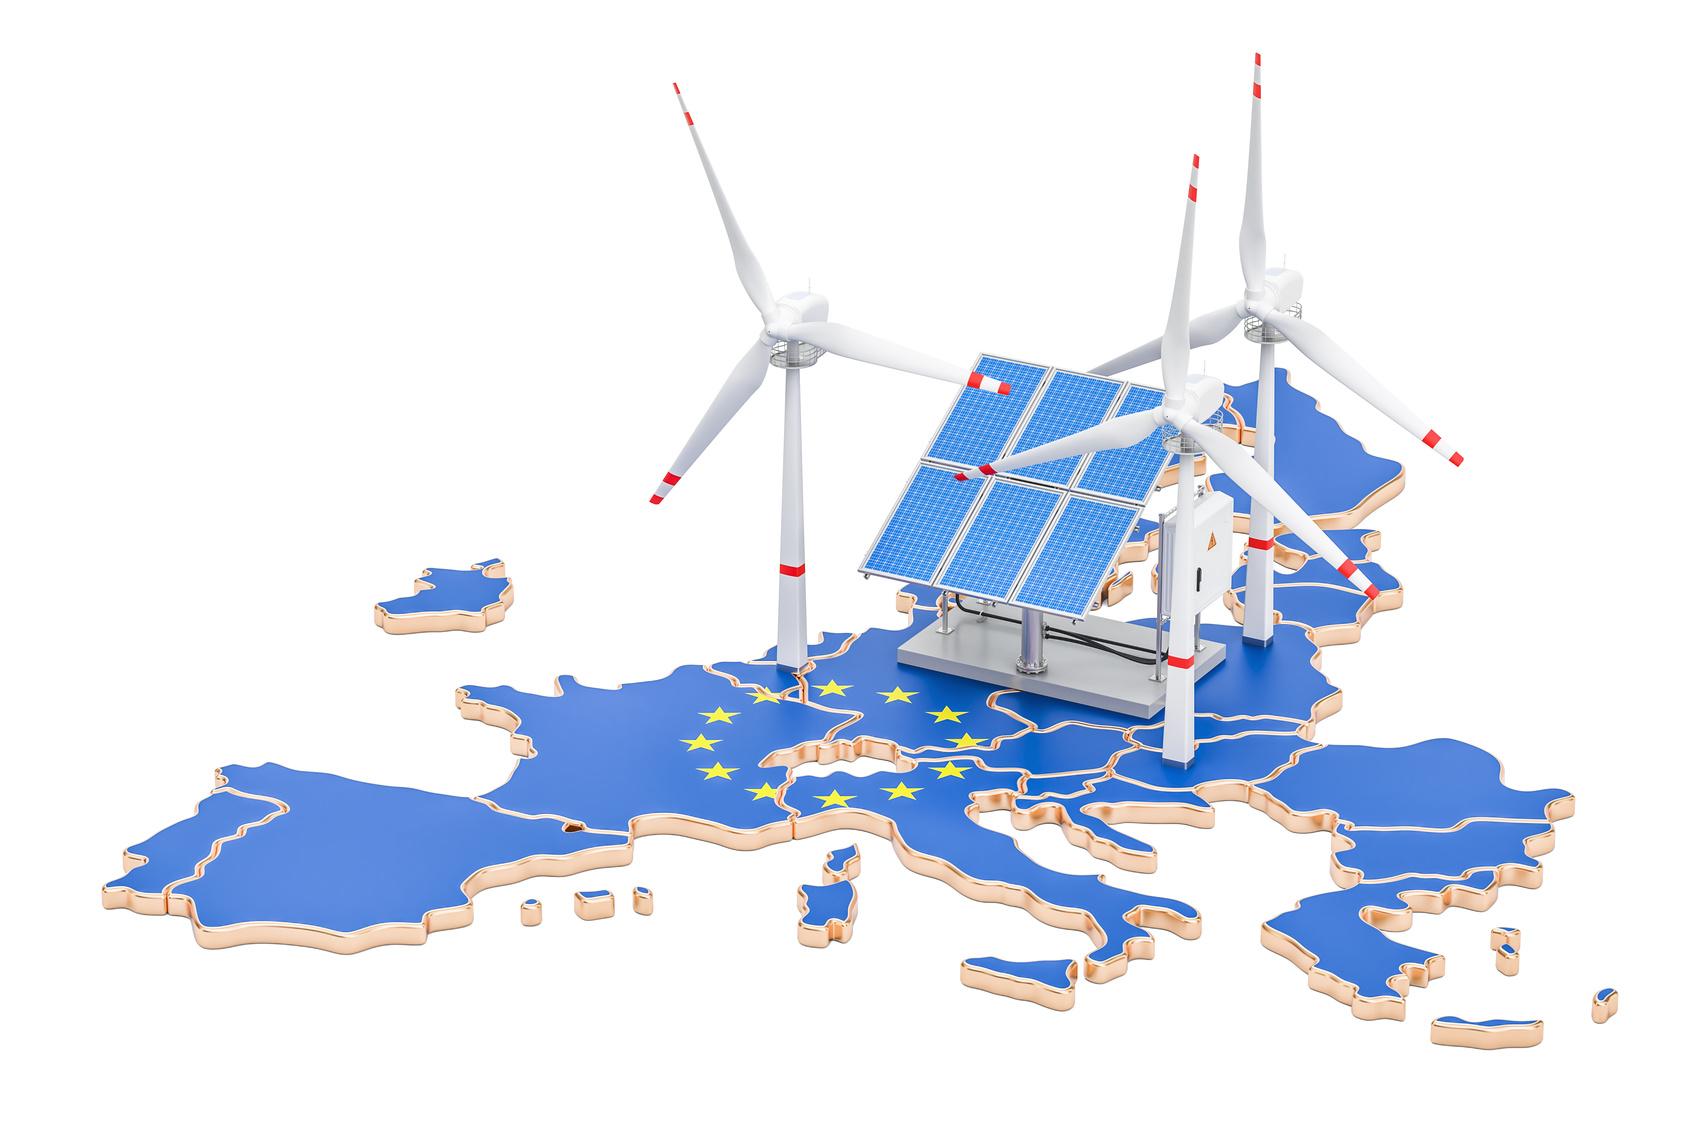 objectif énergies renouvelables